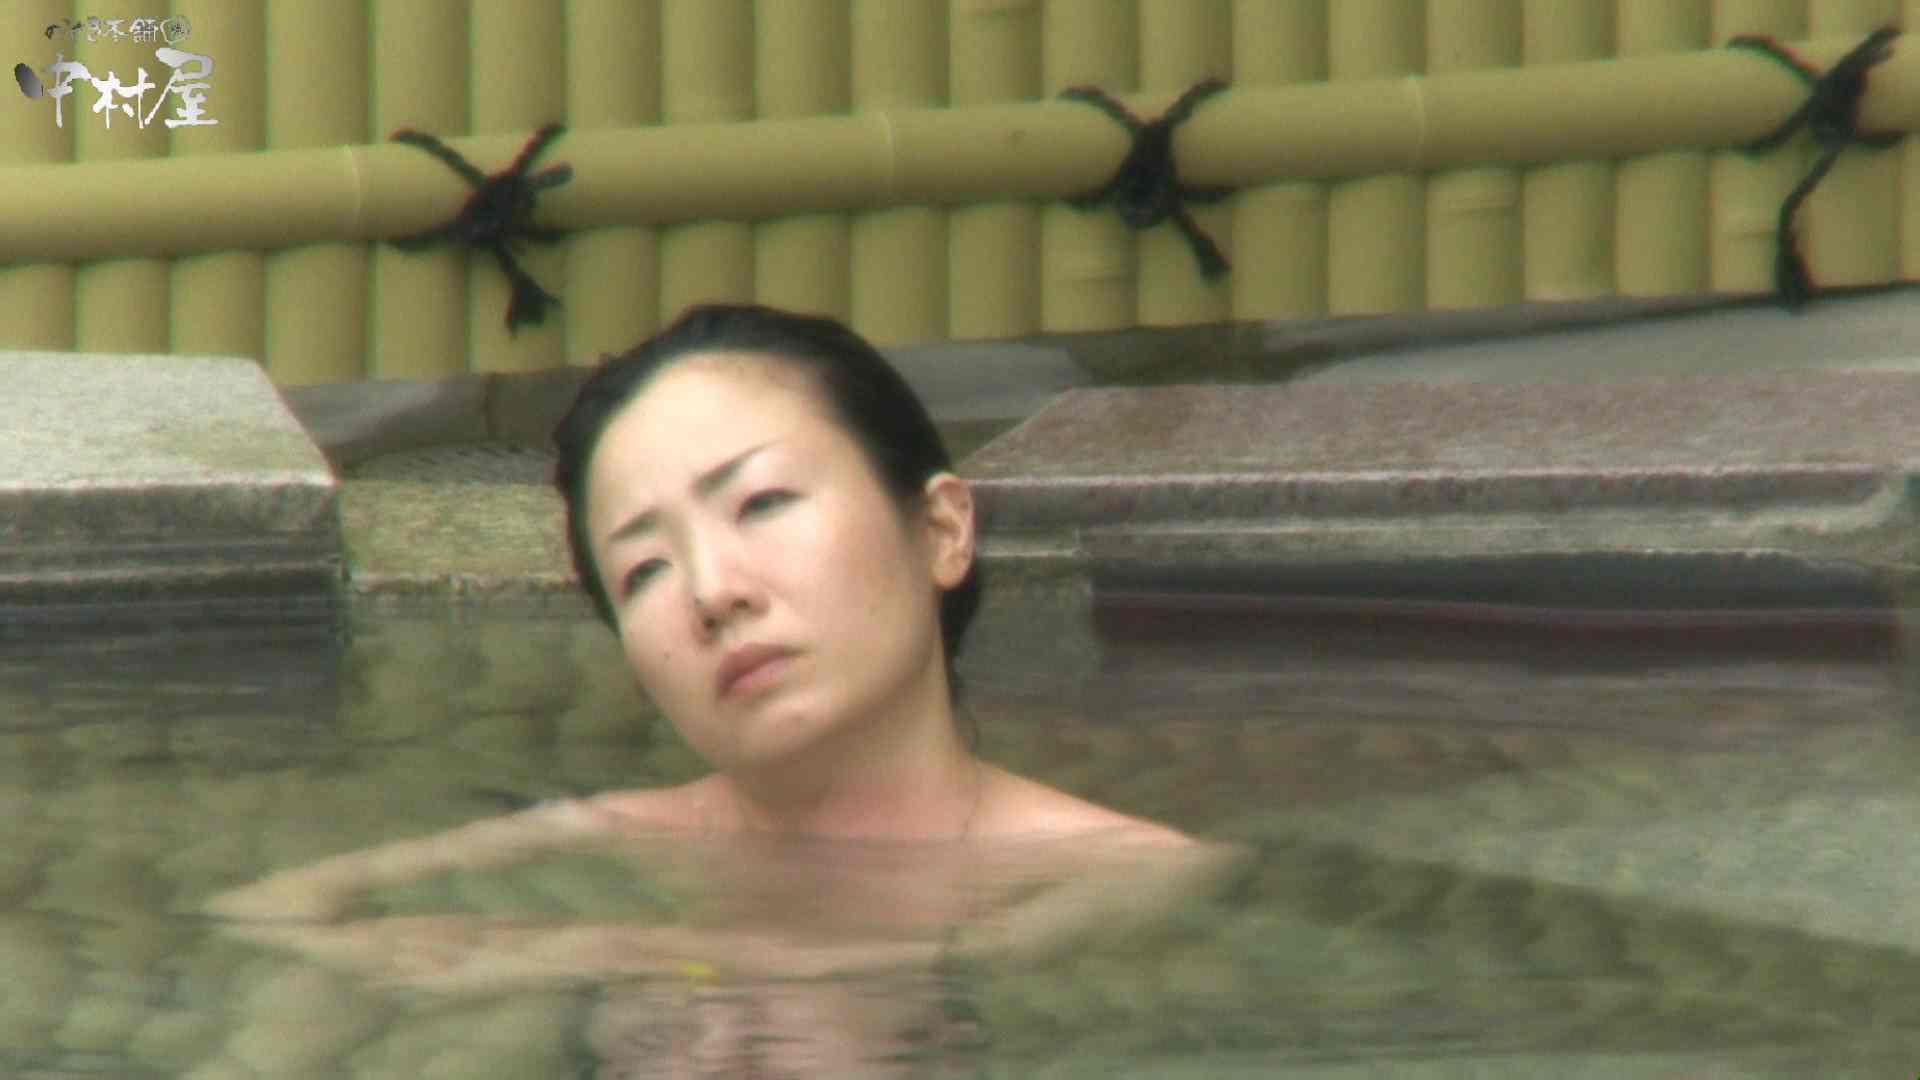 Aquaな露天風呂Vol.950 露天  61画像 27